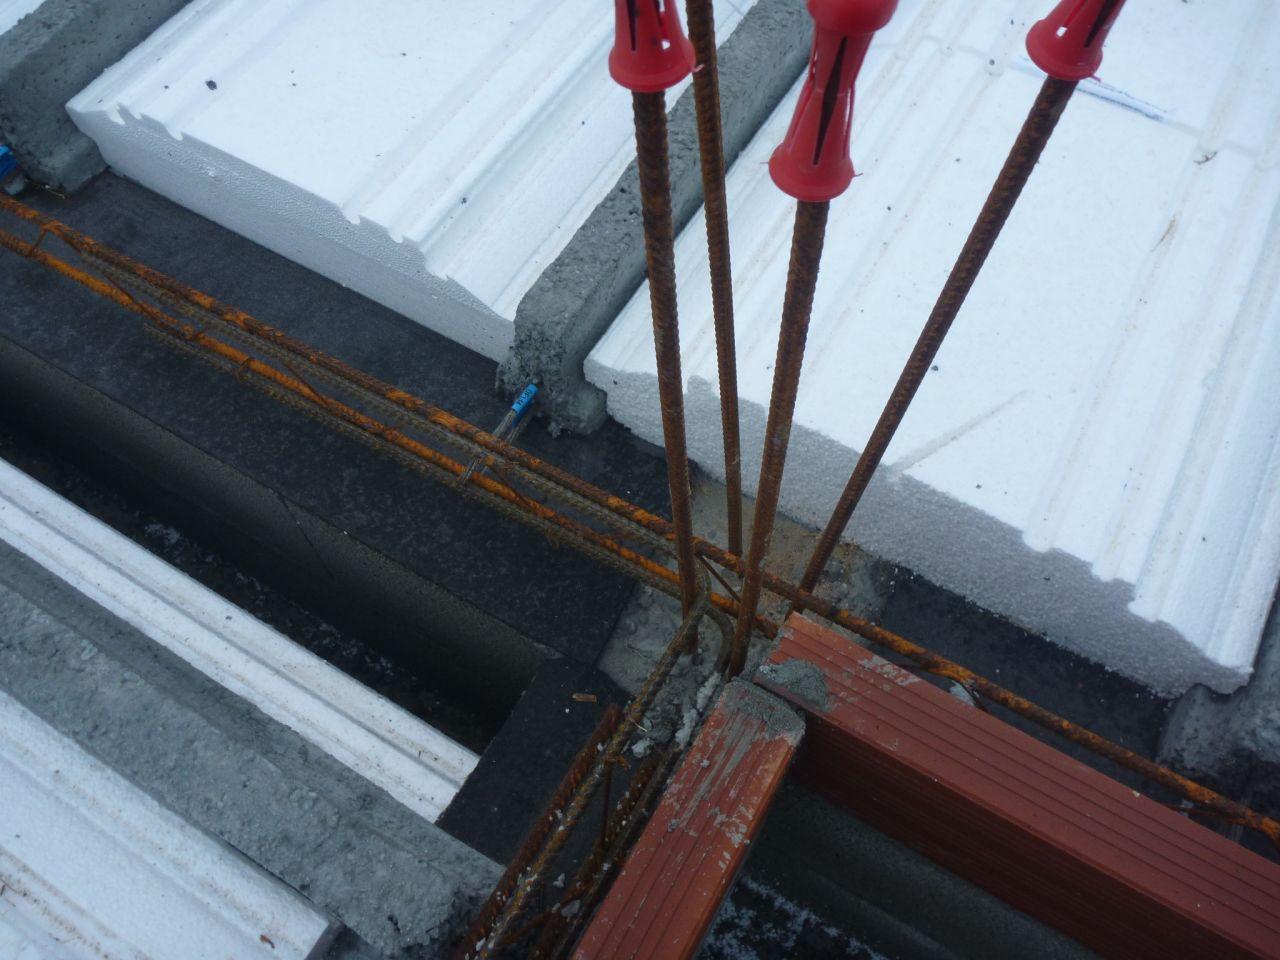 La maçonnerie du vide sanitaire est terminée. Exemple de chainage d'angle. On note aussi sur cette photo le feutre bitumée sur les parpaings du vide-sanitaire (pour empêcher les remontés d'humidité)